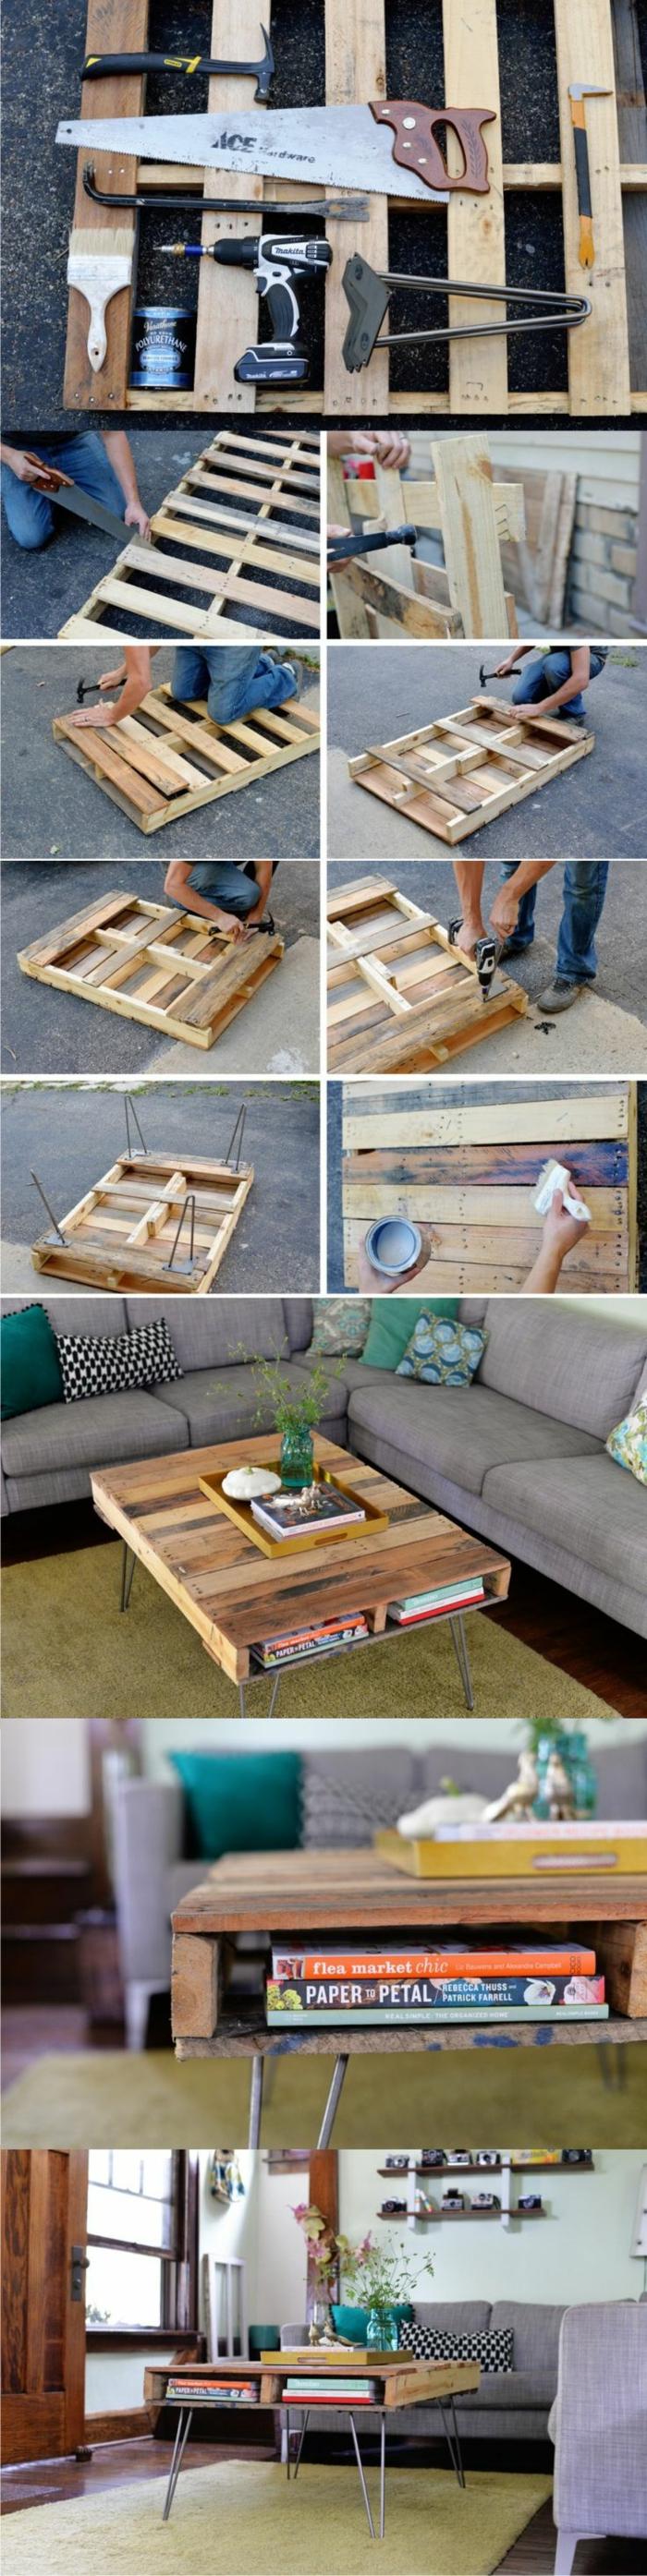 holztische möbel aus paletten holztisch selber bauen anleitung